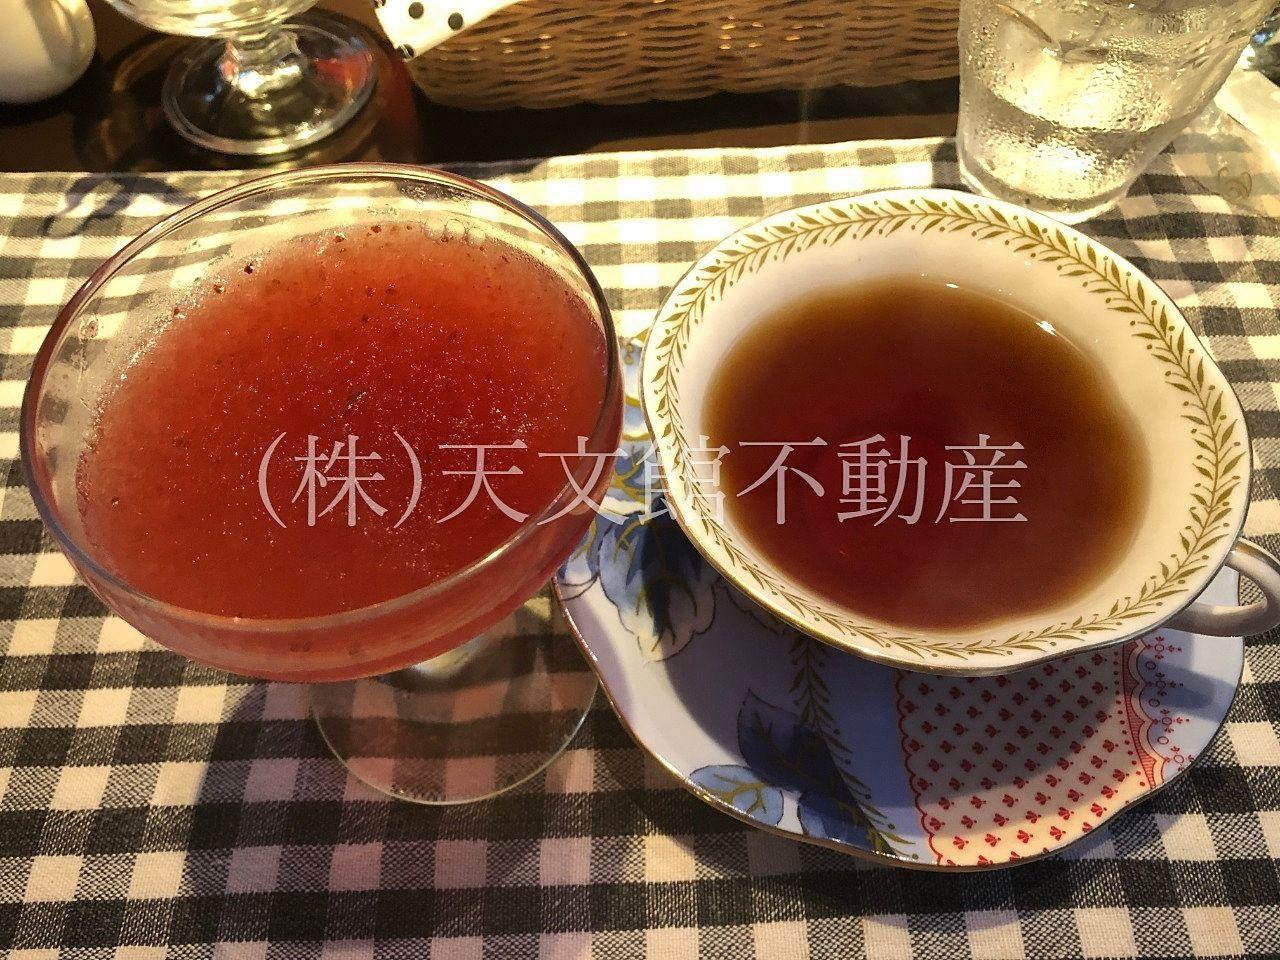 AFE SALON Oukaオウカランチ食後のデザート紅茶